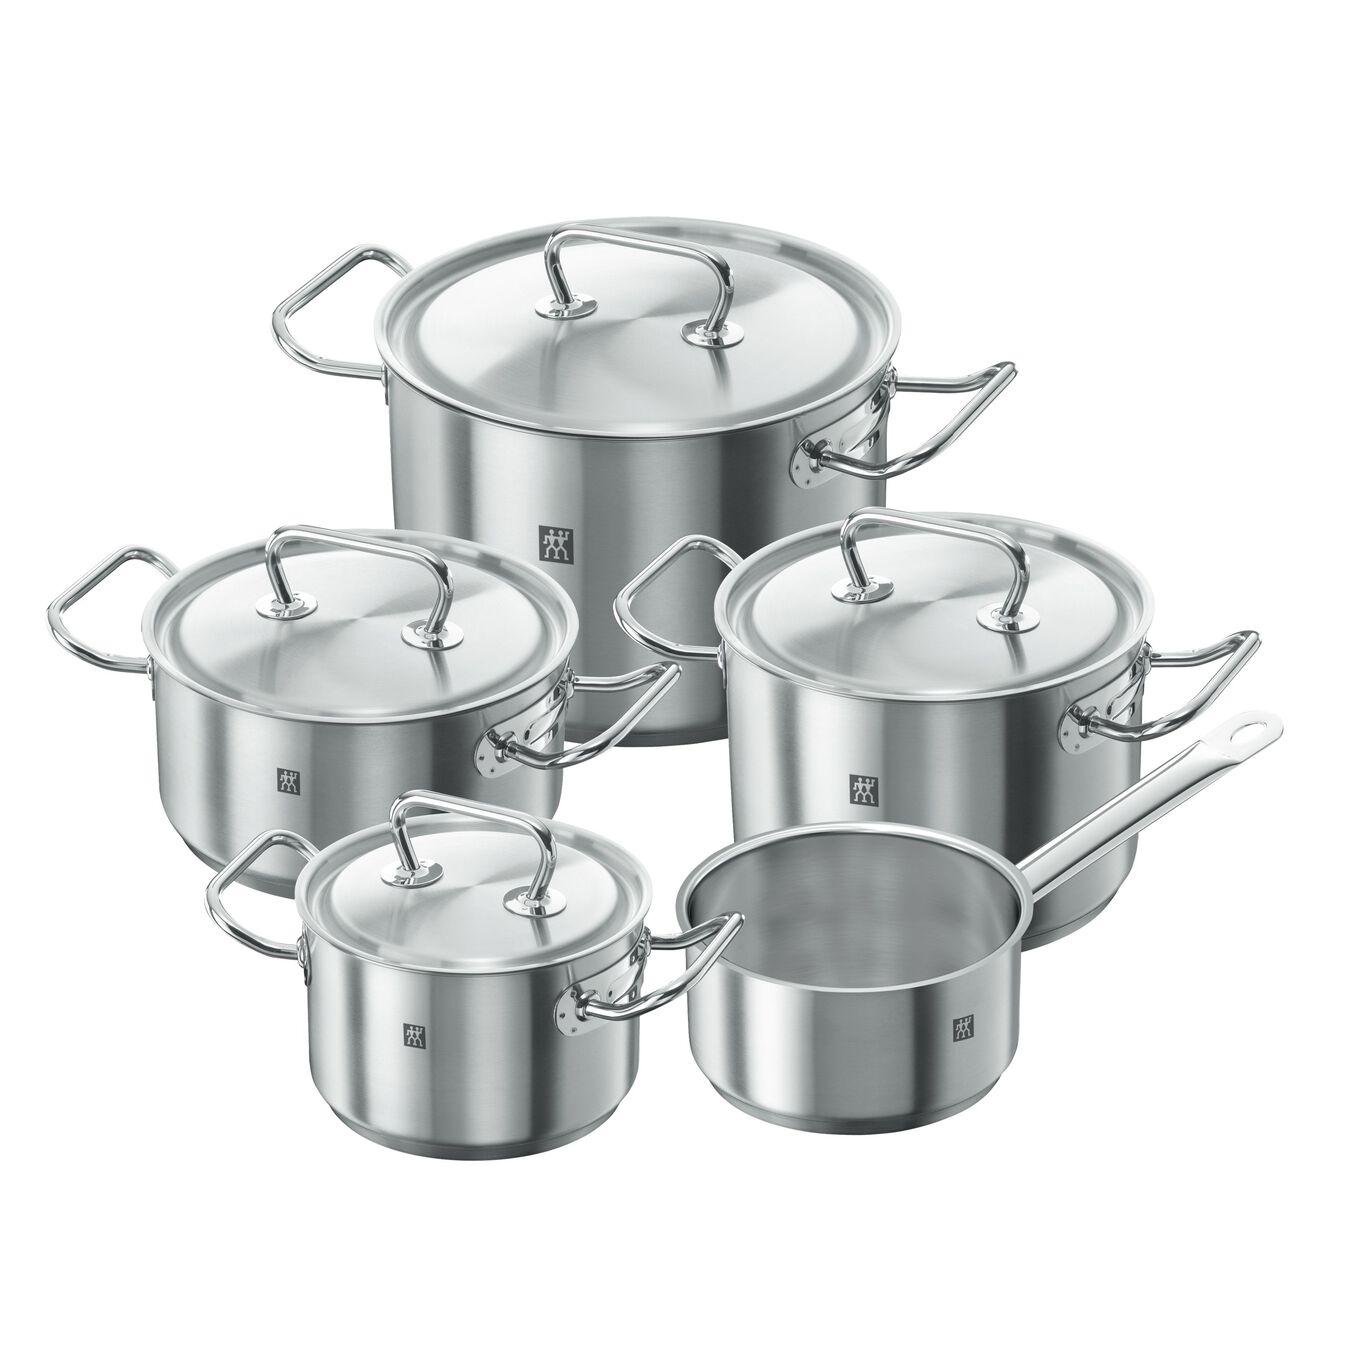 Ensemble de casseroles 5-pcs, Inox 18/10,,large 1